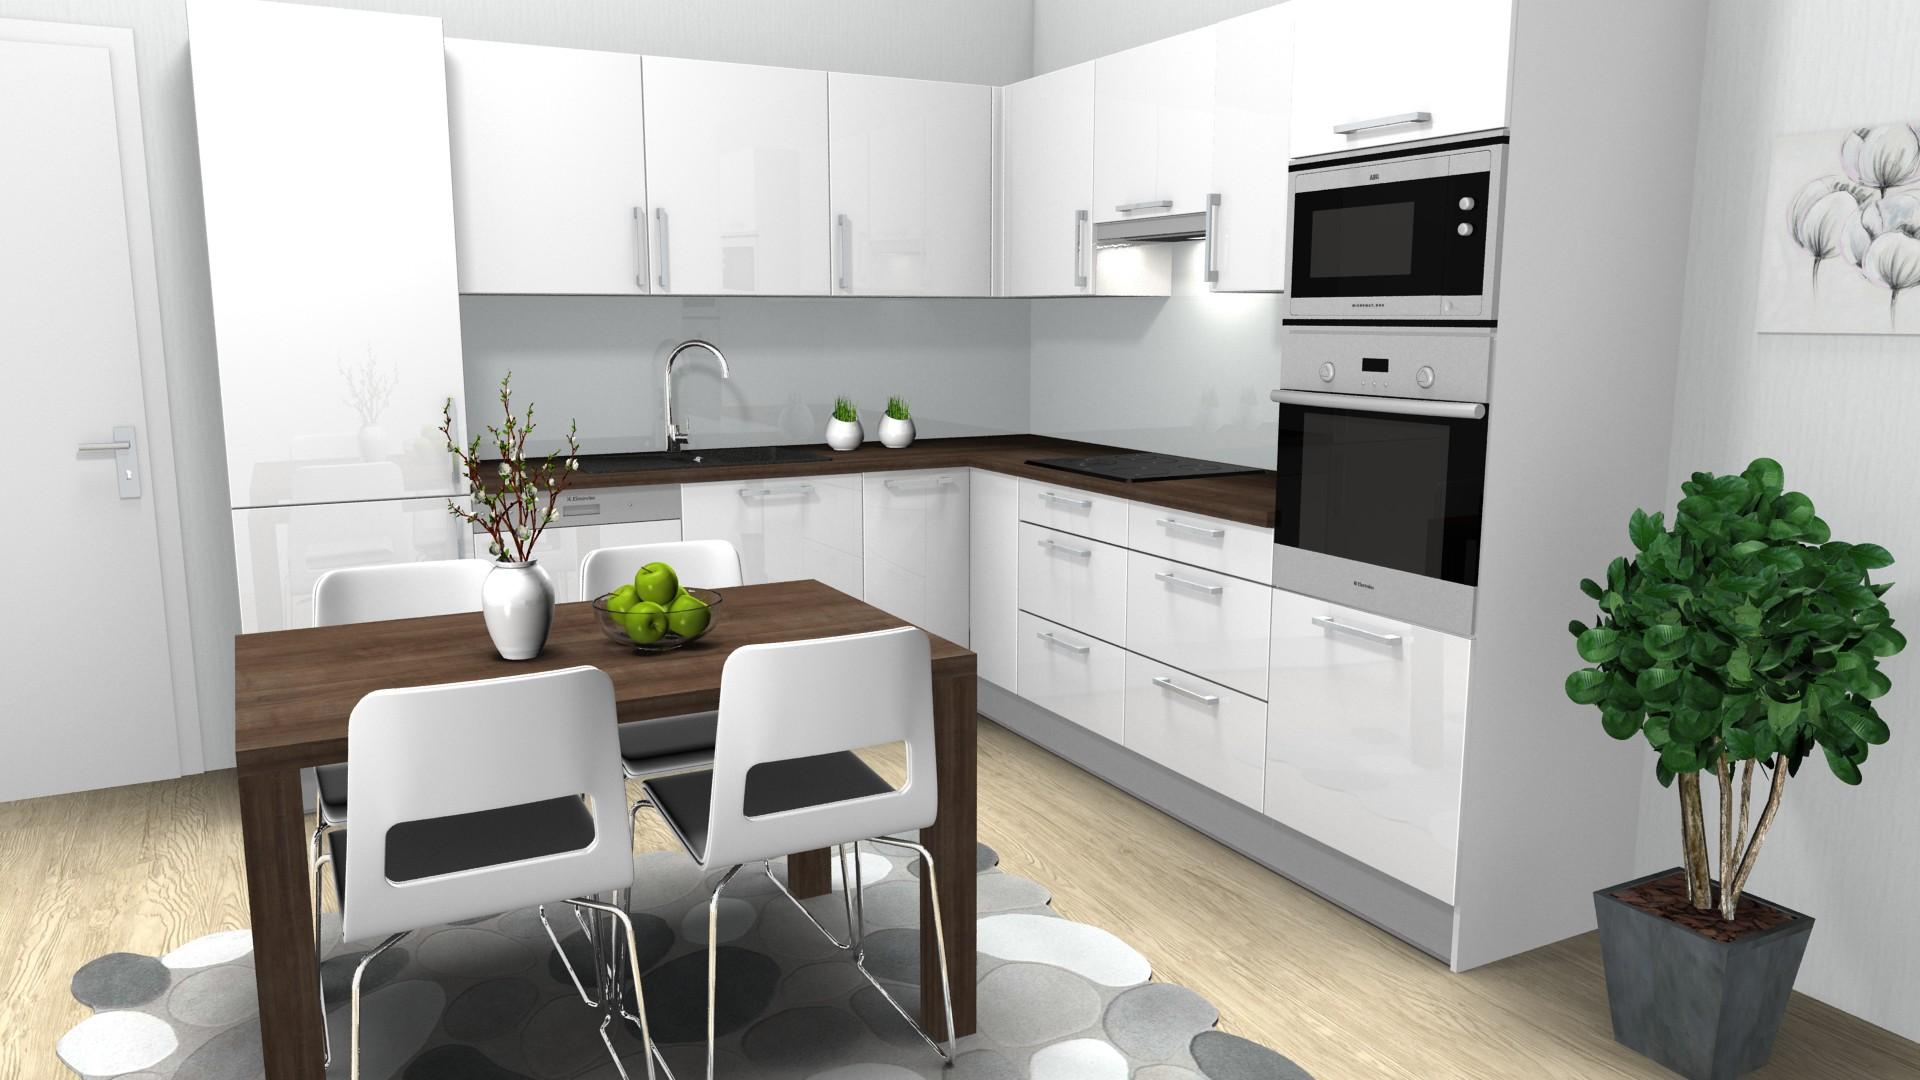 cf2bb7d5c3f7 Návrh kuchyně – Bílá vysoký lesk a ořech – Návrhy kuchyní a interiérů